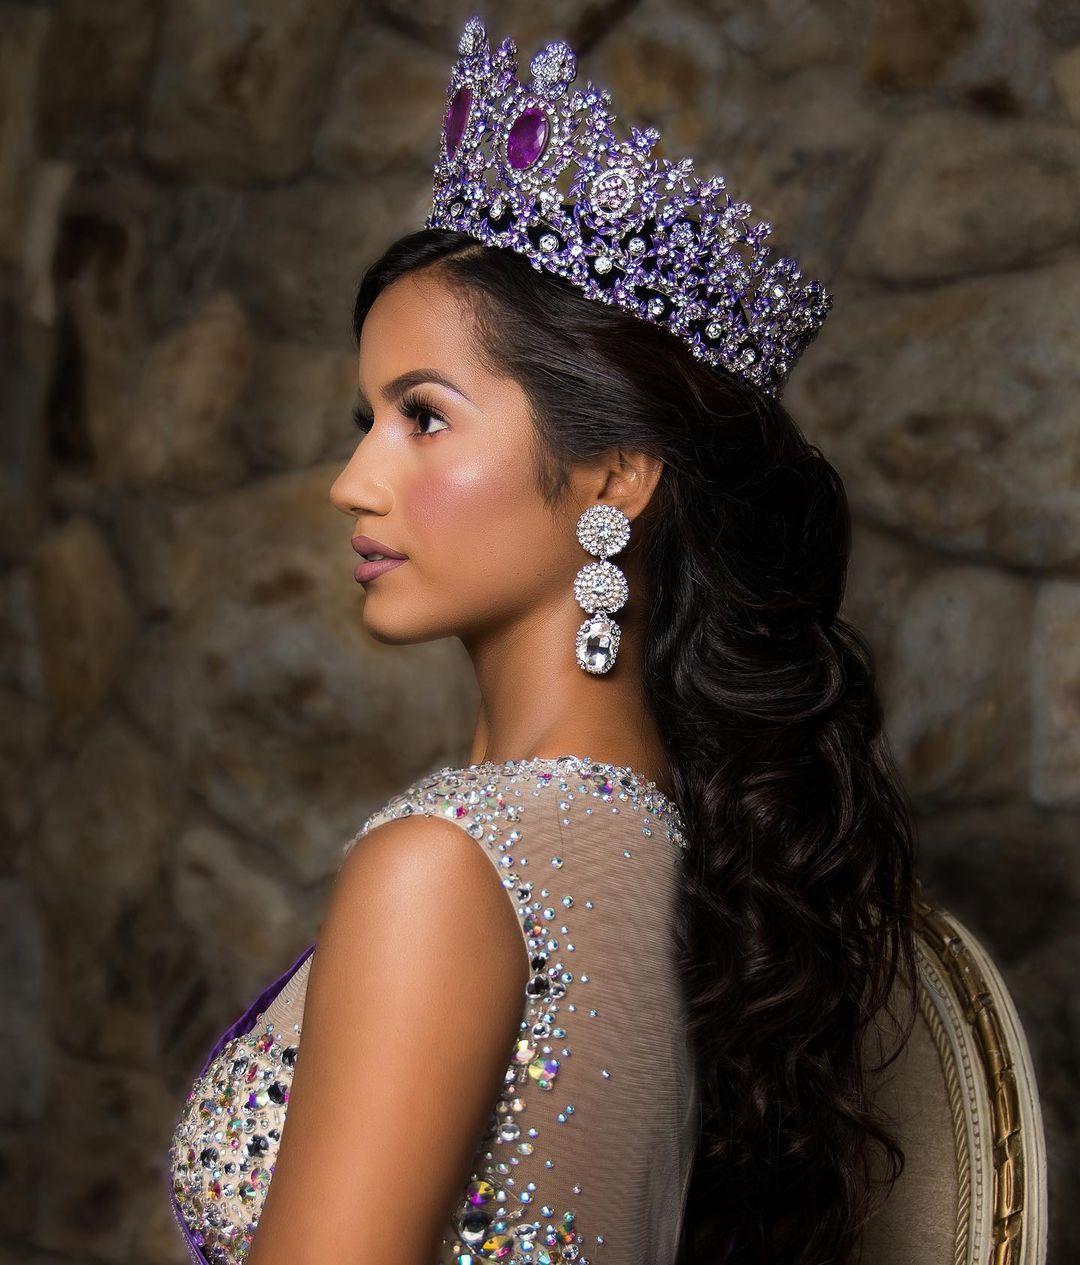 imelys velasquez, miss mesoamerica international 2021. 22792912